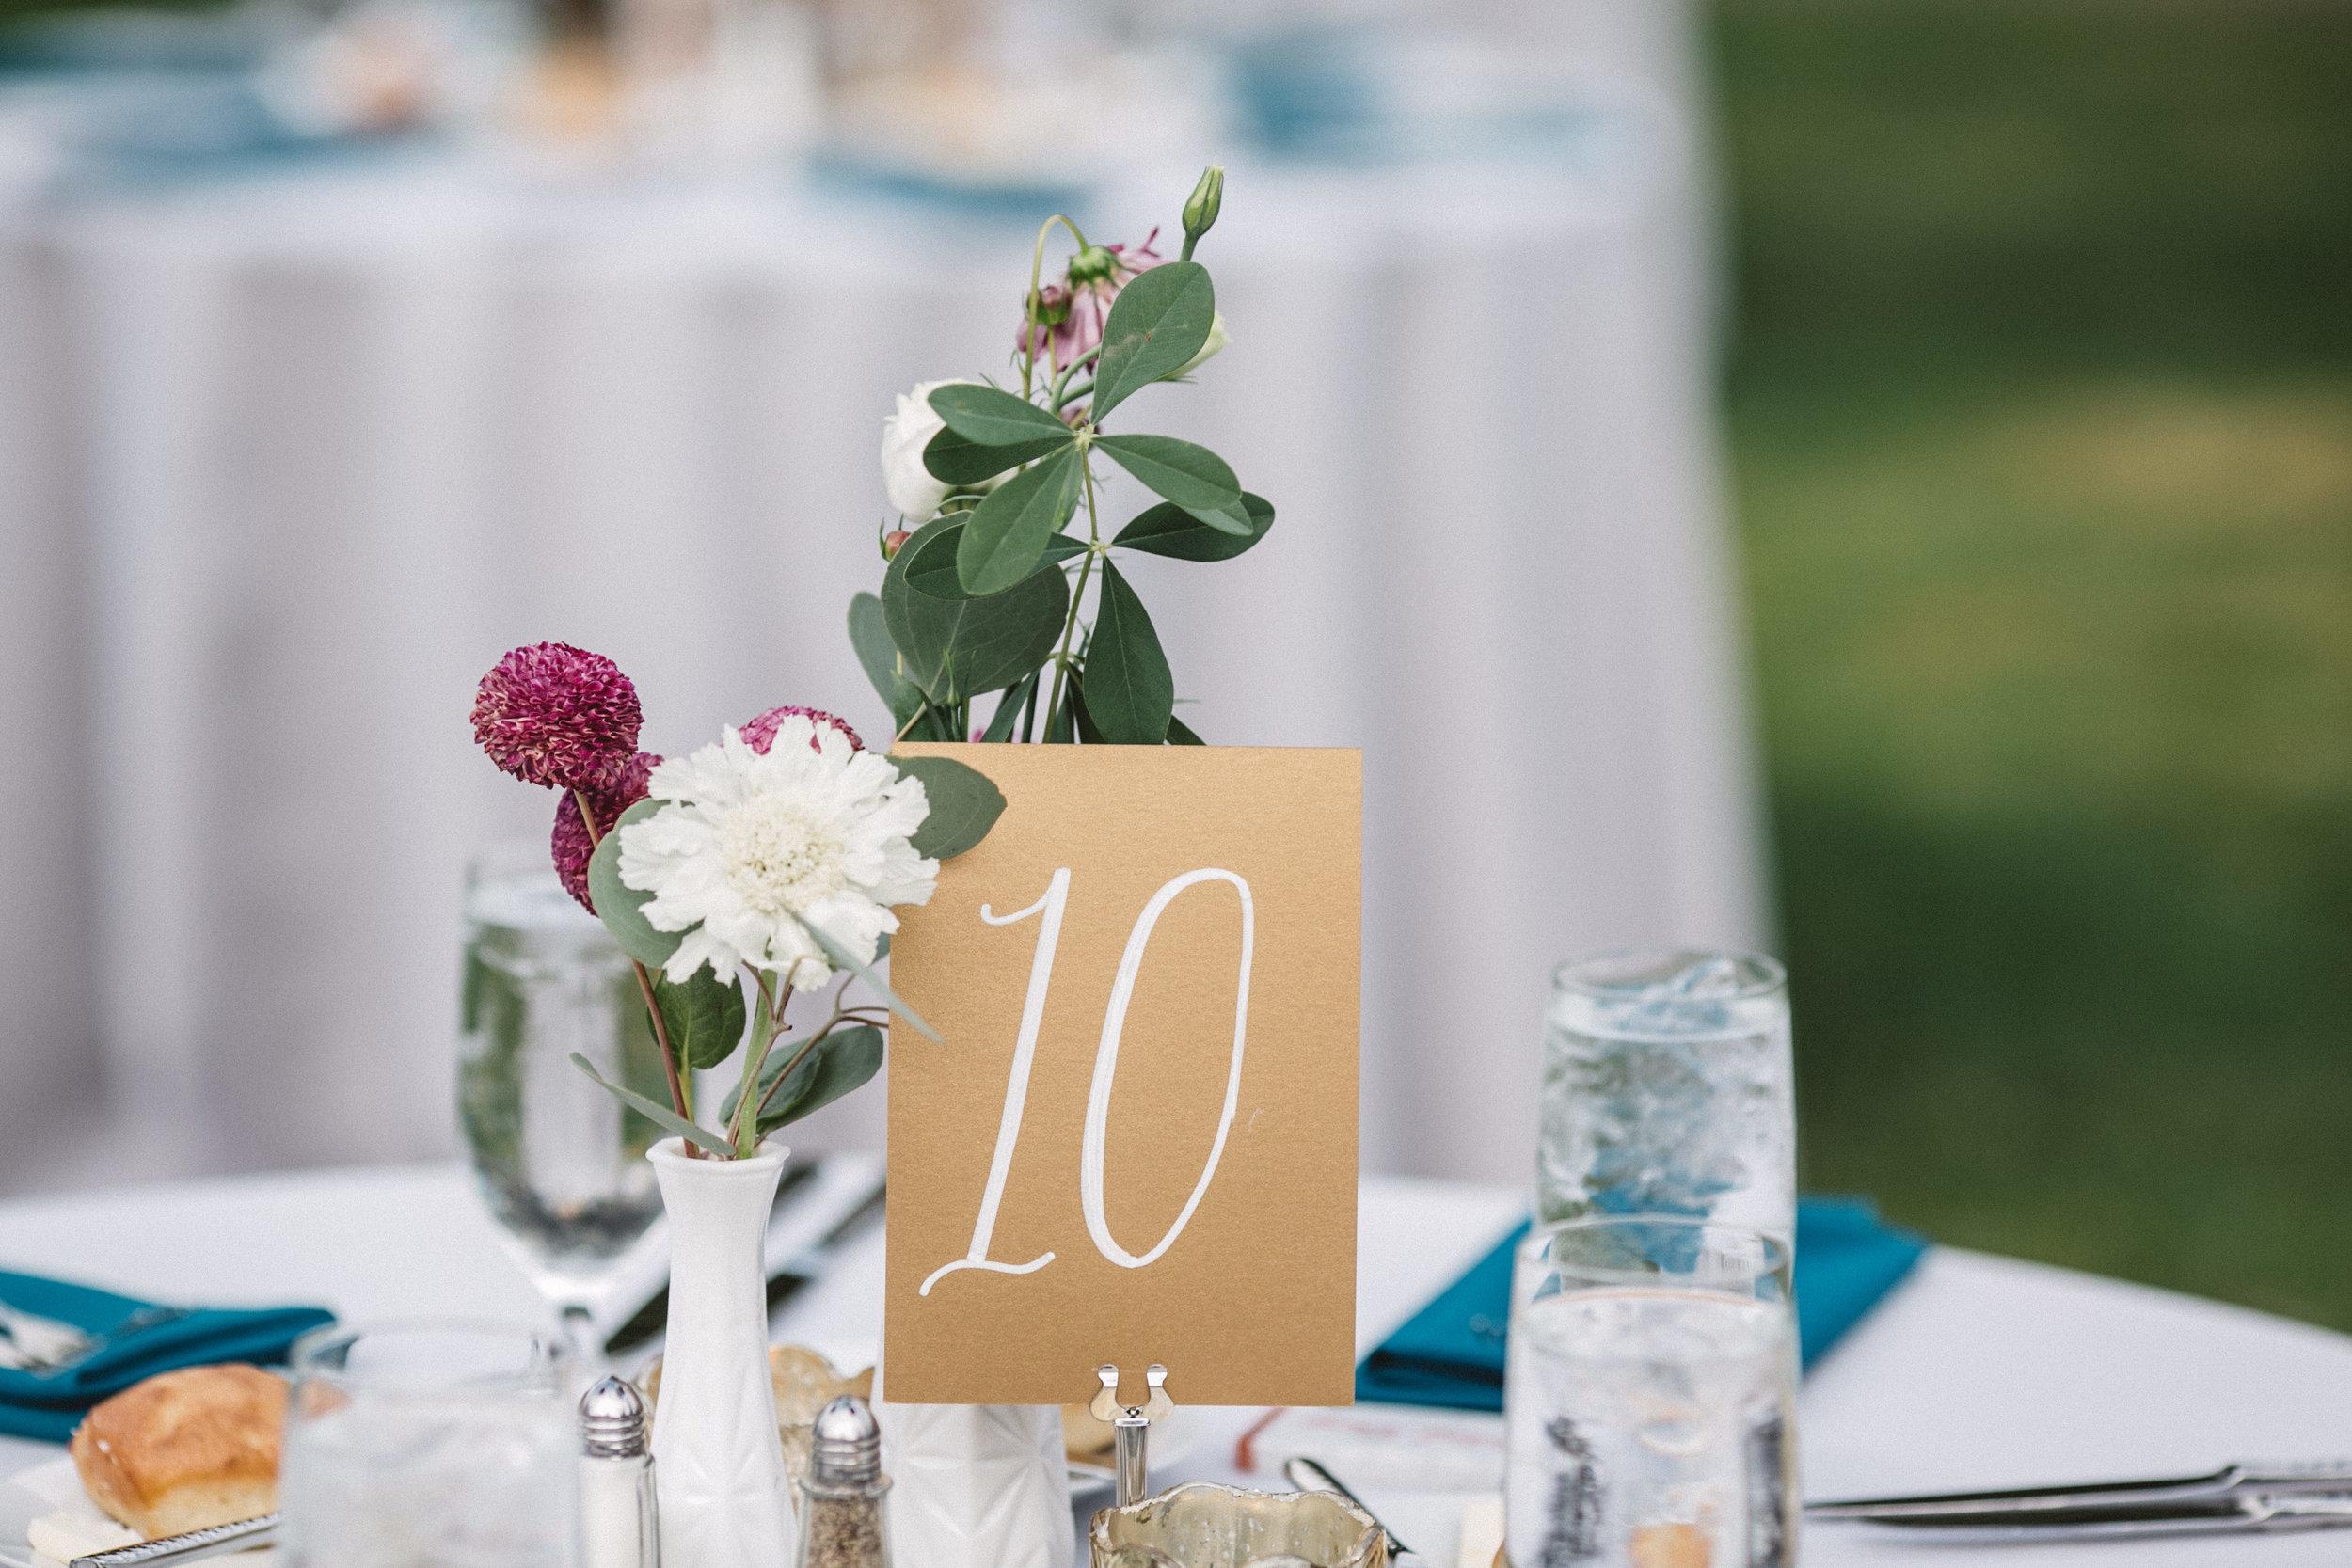 pang_tom_affob_wedding1684.JPG